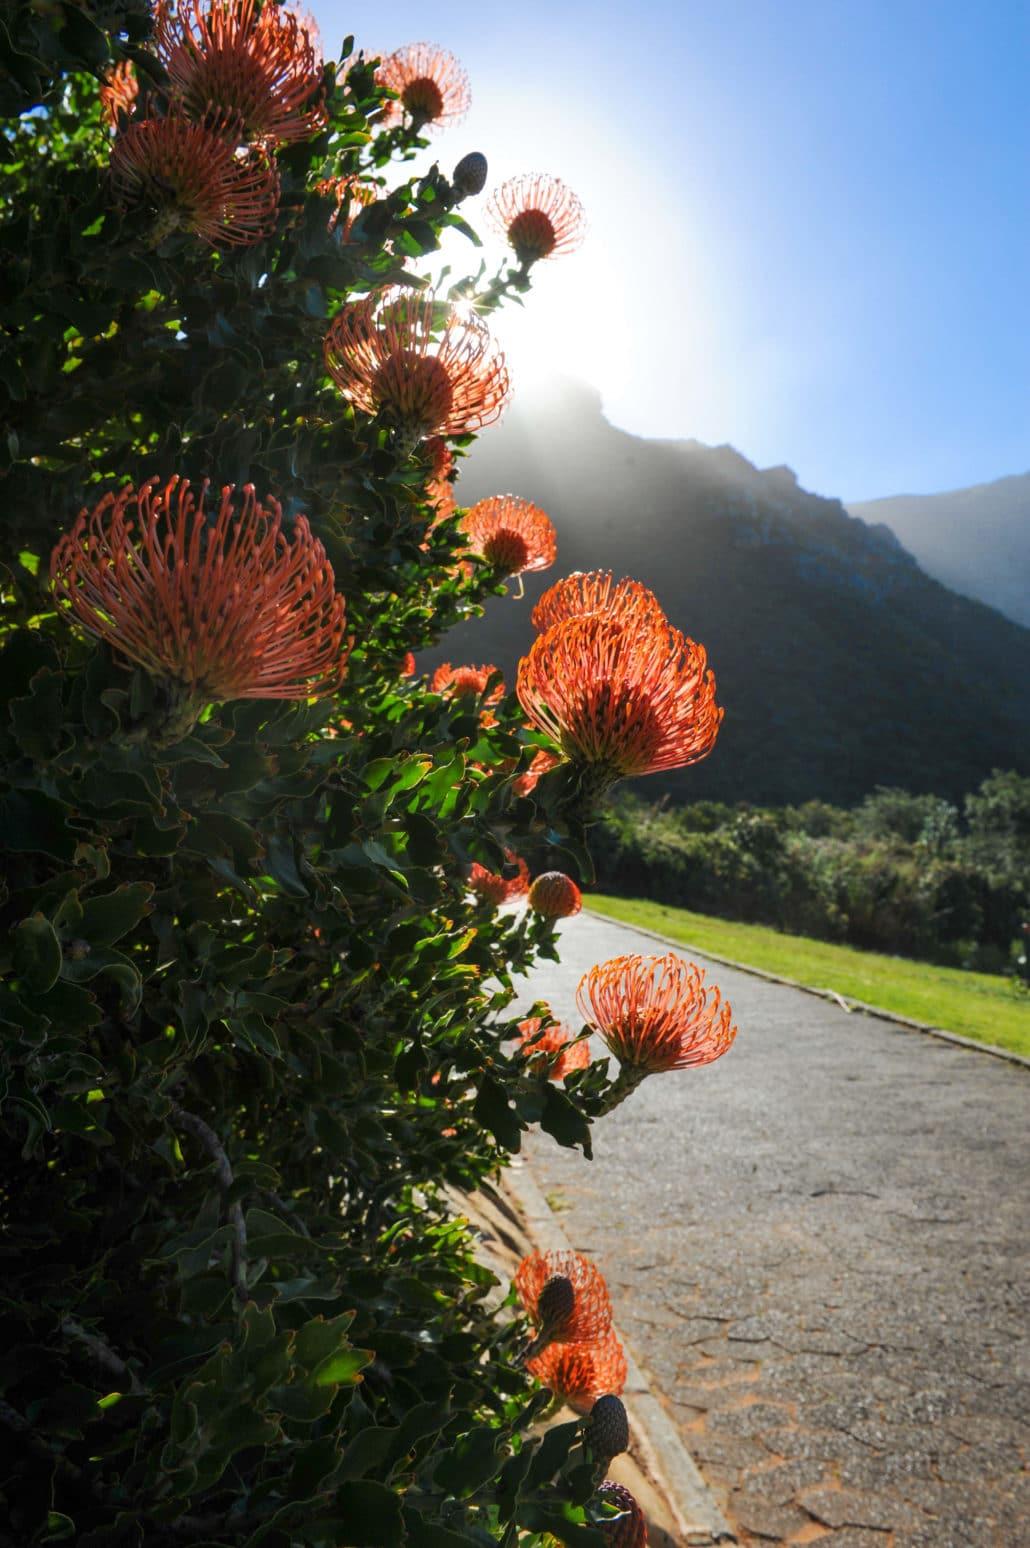 A Protea bush (the national flower) at Kirstenbosch National Botanical Garden